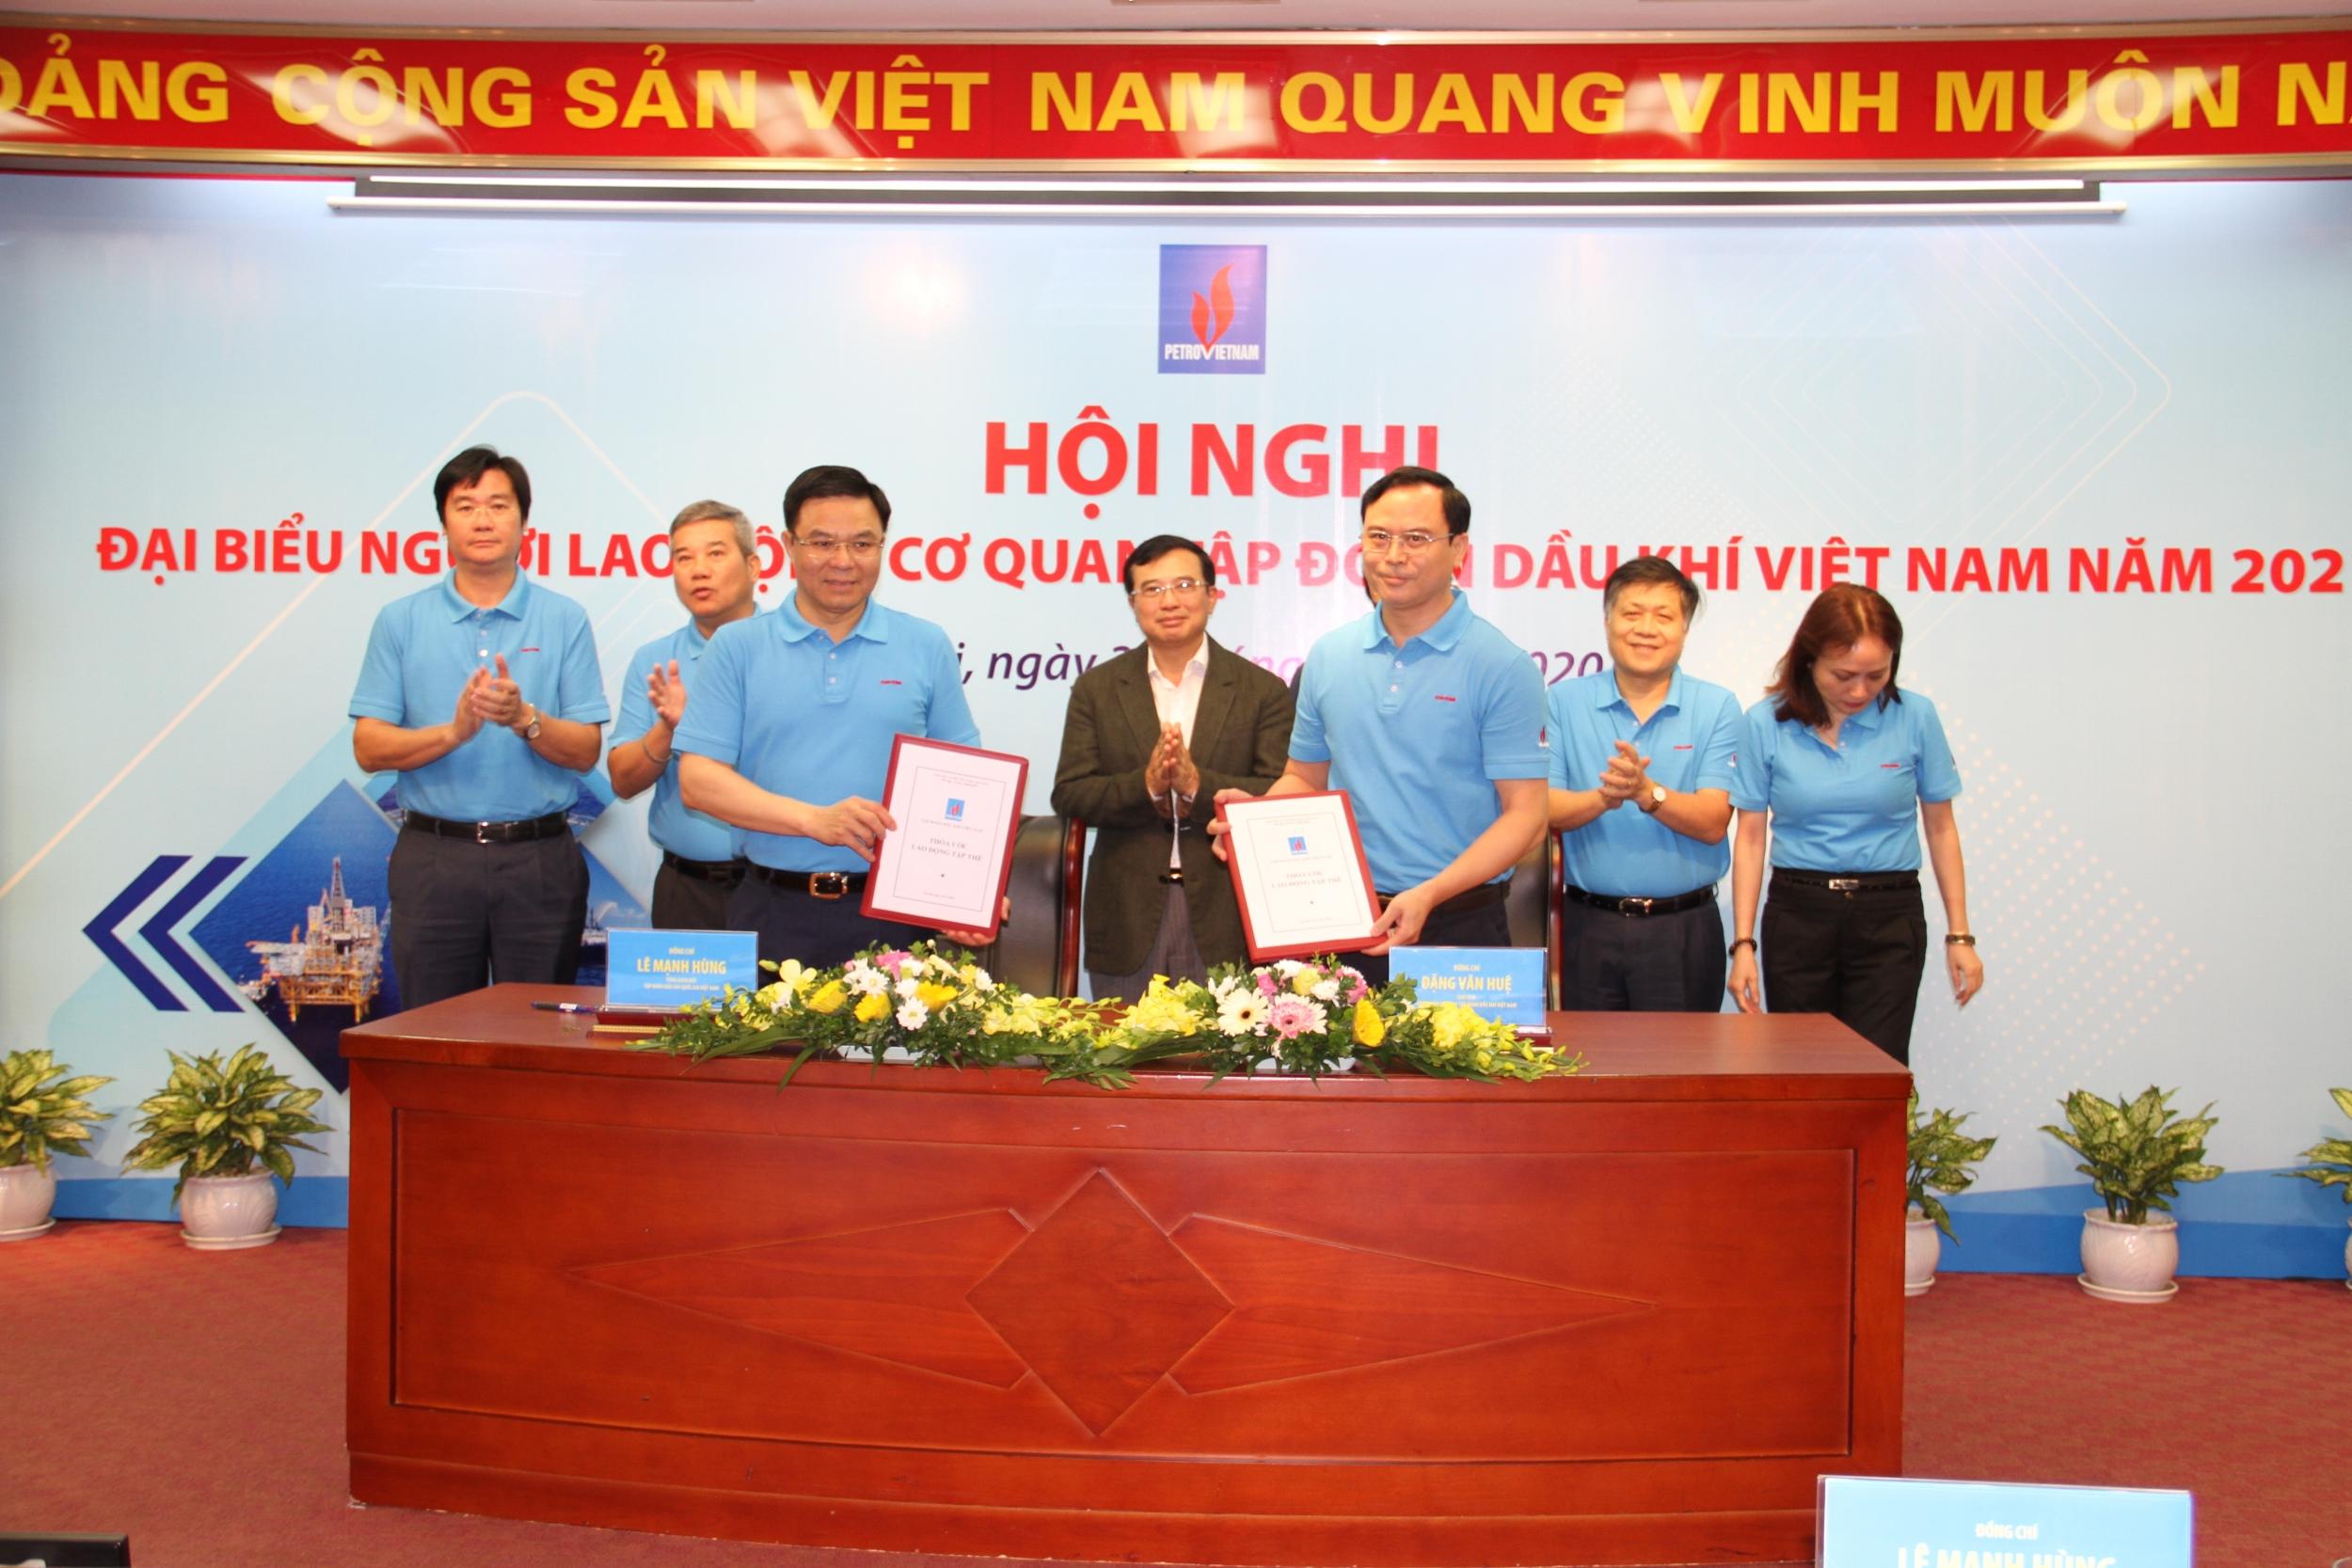 Tổng giám đốc Petrovietnam Lê Mạnh Hùng và Chủ tịch Công đoàn Cơ quan Tập đoàn Đặng Văn Huệ ký kết Thỏa ước lao động tập thể mới căn cứ theo Luật lao động năm 2019 và có nhiều lợi điểm hơn cho người lao động Tập đoàn.